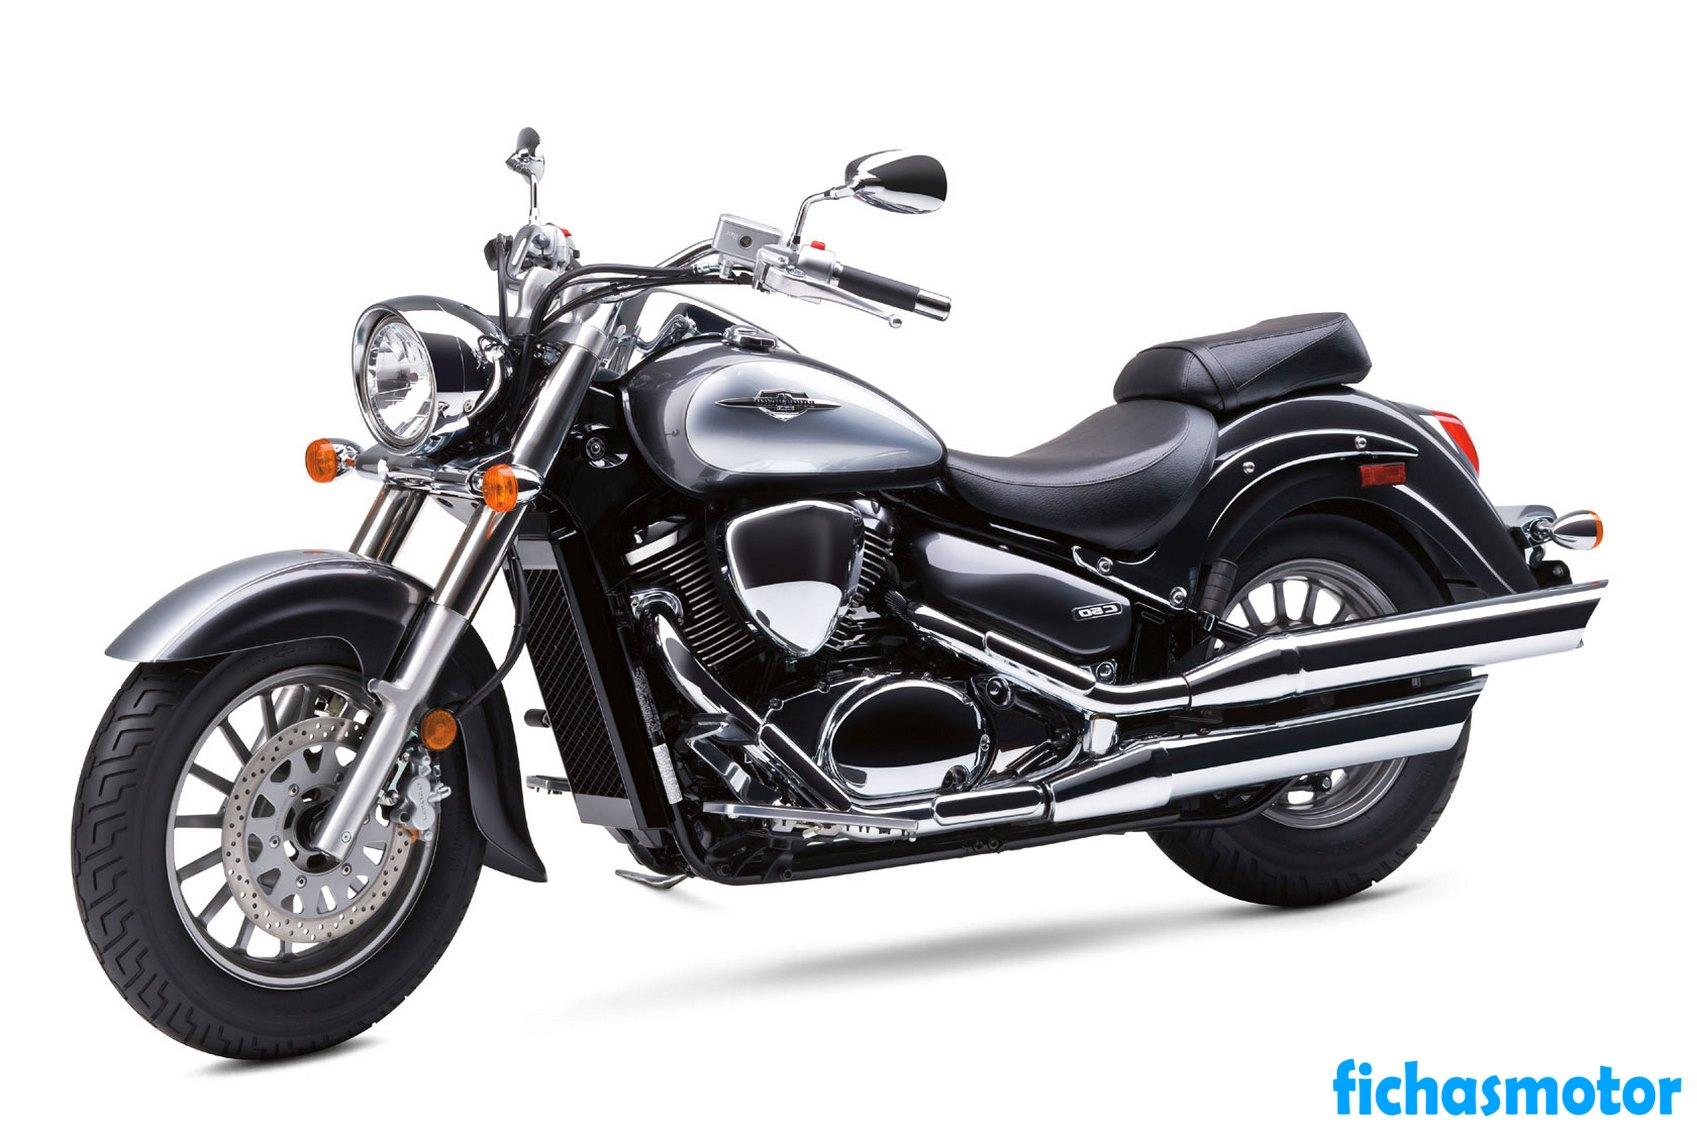 Imagen moto Suzuki boulevard c50 Special Edition año 2009